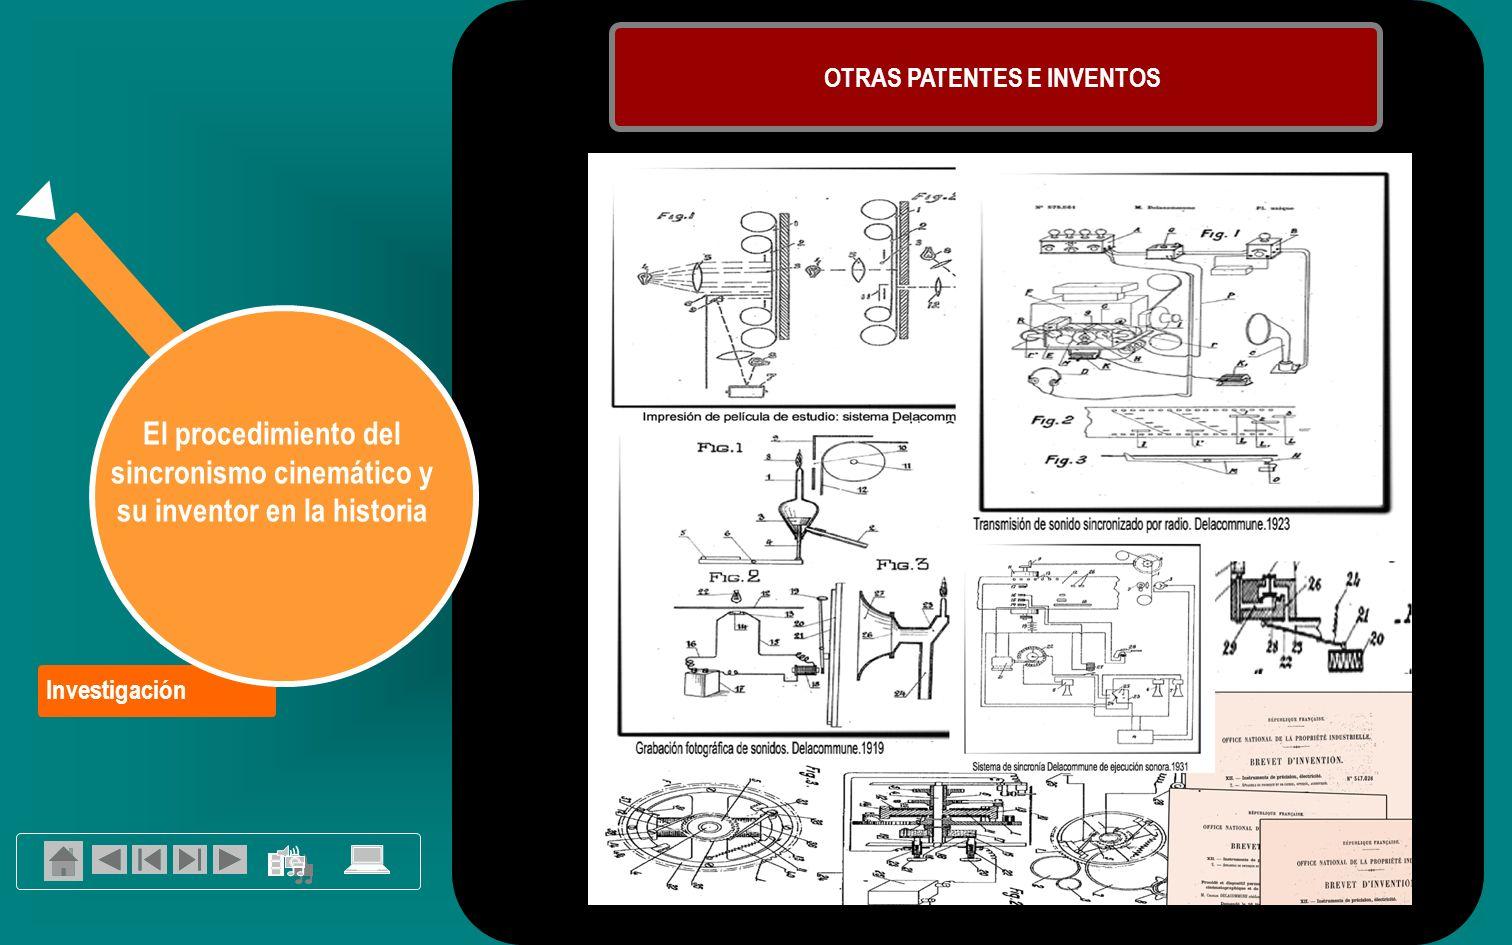 Investigación El procedimiento del sincronismo cinemático y su inventor en la historia OTRAS PATENTES E INVENTOS